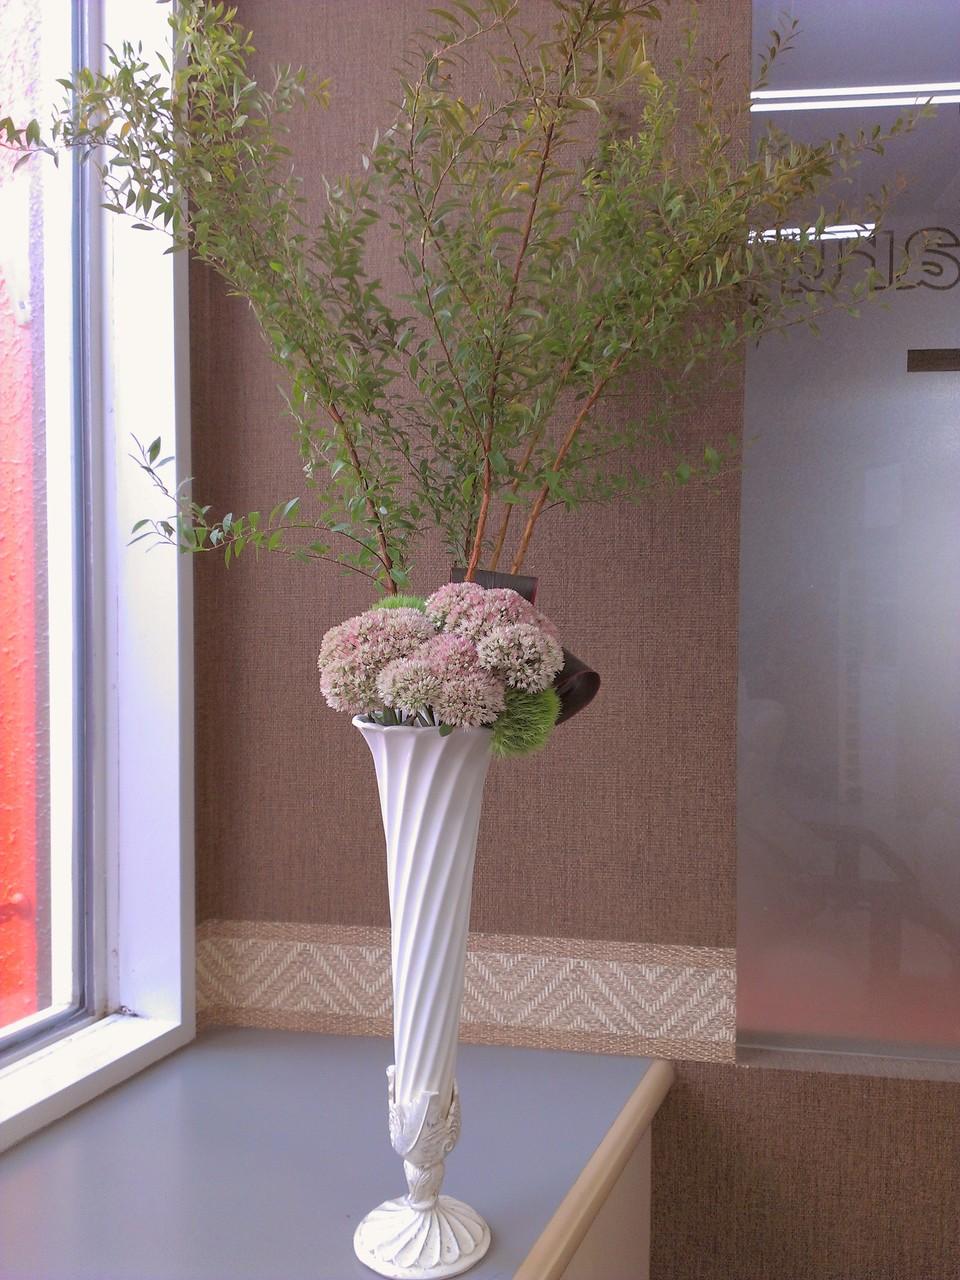 2014.09.10 セダム(別名:万年草)、テマリグサ(別名:グリーントリュフ)、ドラセナ、雪柳 ・モコモコとした白とピンクがかわいいお花セダムと、その横でマリモのようなテマリ草、赤い縁取りの葉、ドラセナを添えて、ひときわ花瓶から高くそびえる雪柳が青々と茂りダイナミックなアレンジメントです。花言葉: セダム【静寂、落ち着き、記憶】、テマリ草【思慕、才能】、雪柳【愛嬌、自由気まま、殊勝】